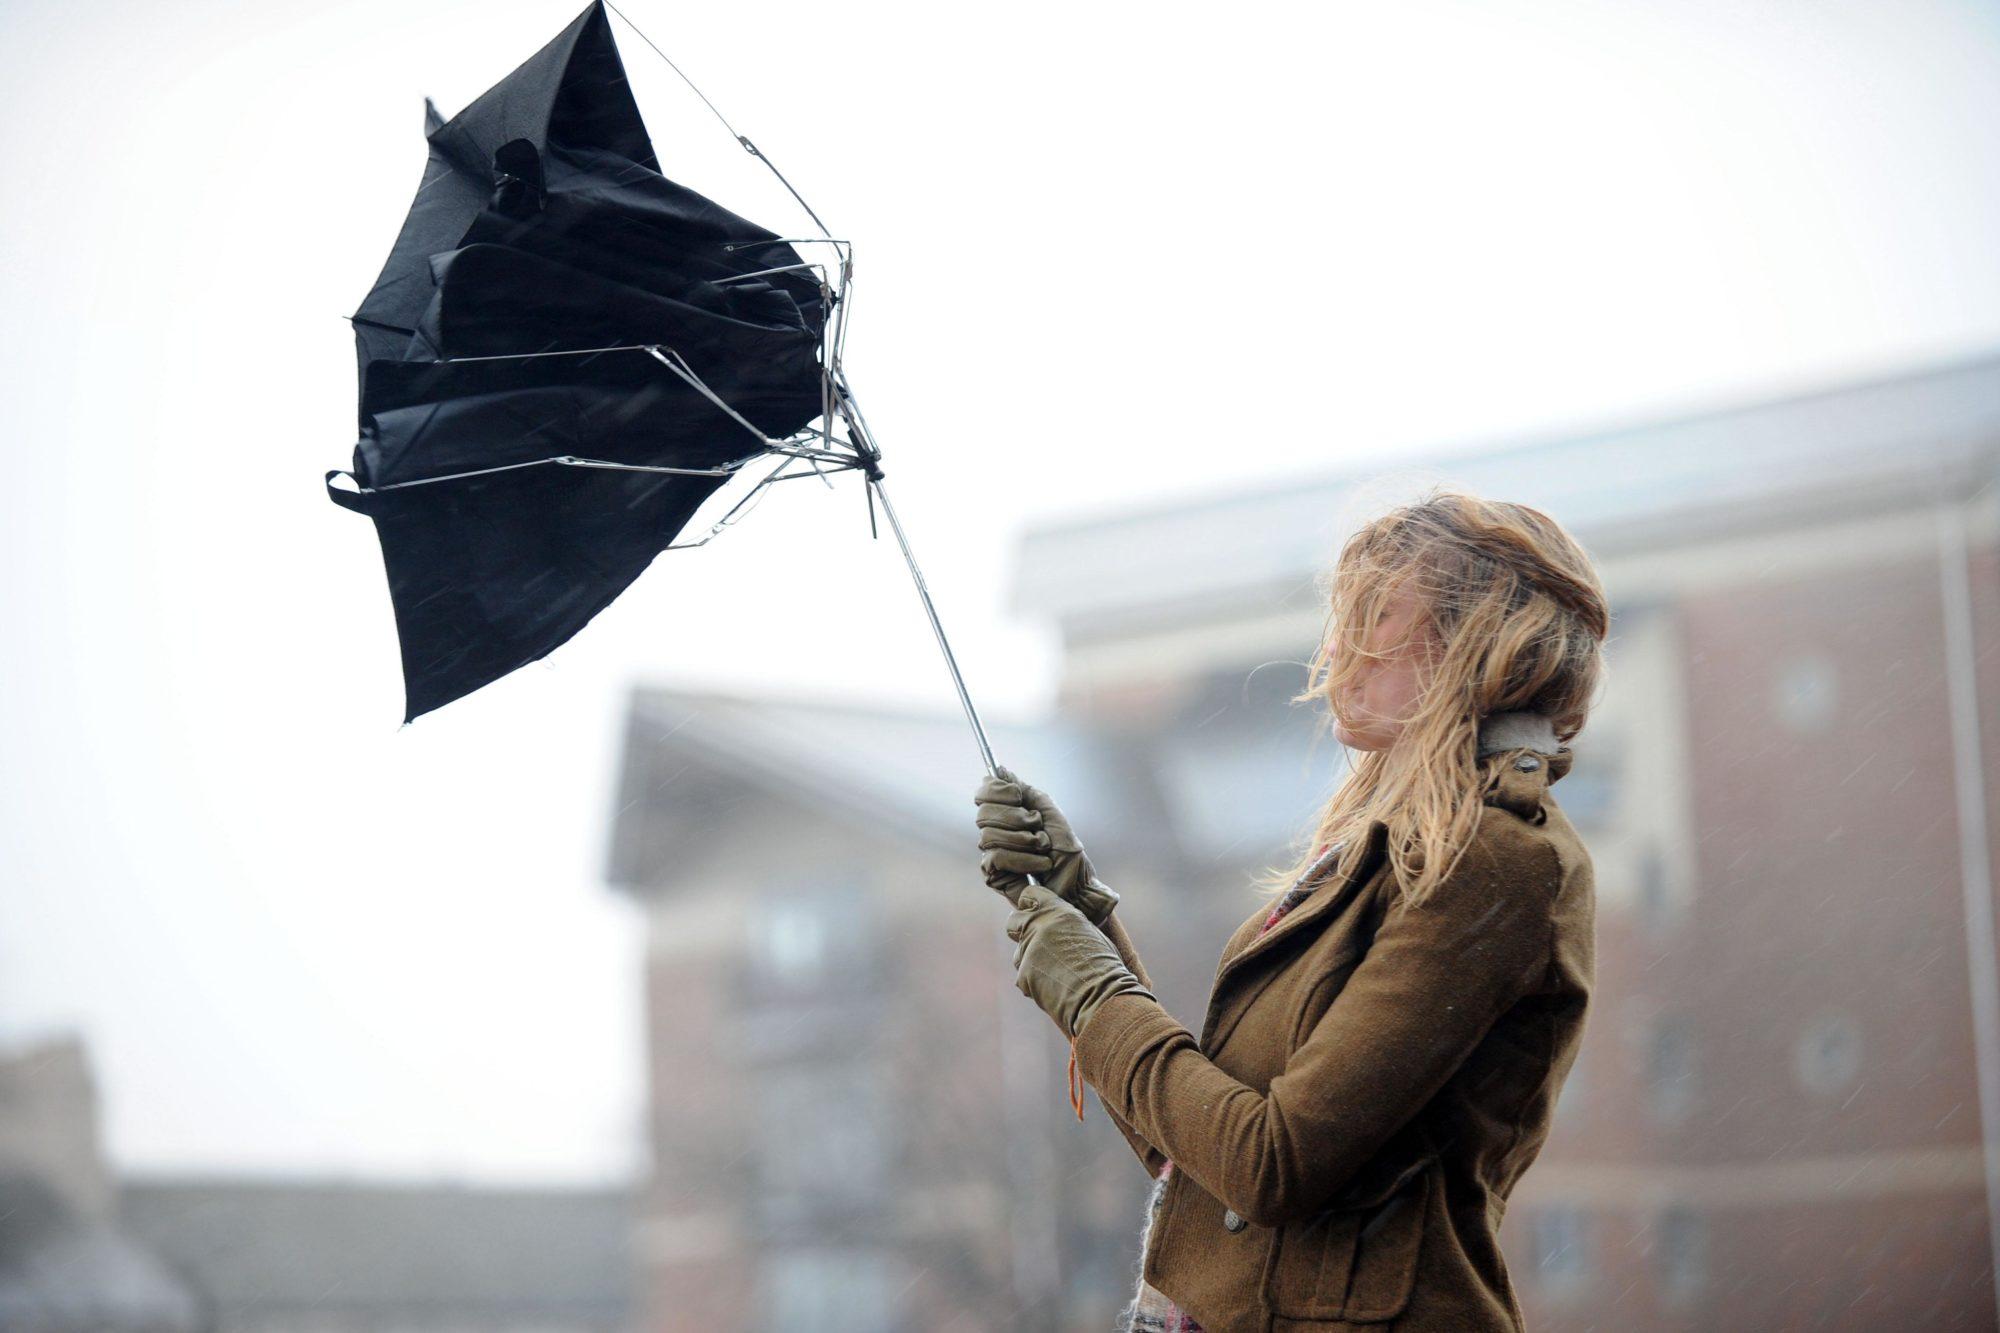 Мешканців Київщини попередили про небезпечні пориви вітру 21.11.2019 - вітер - 21 veter 2000x1333